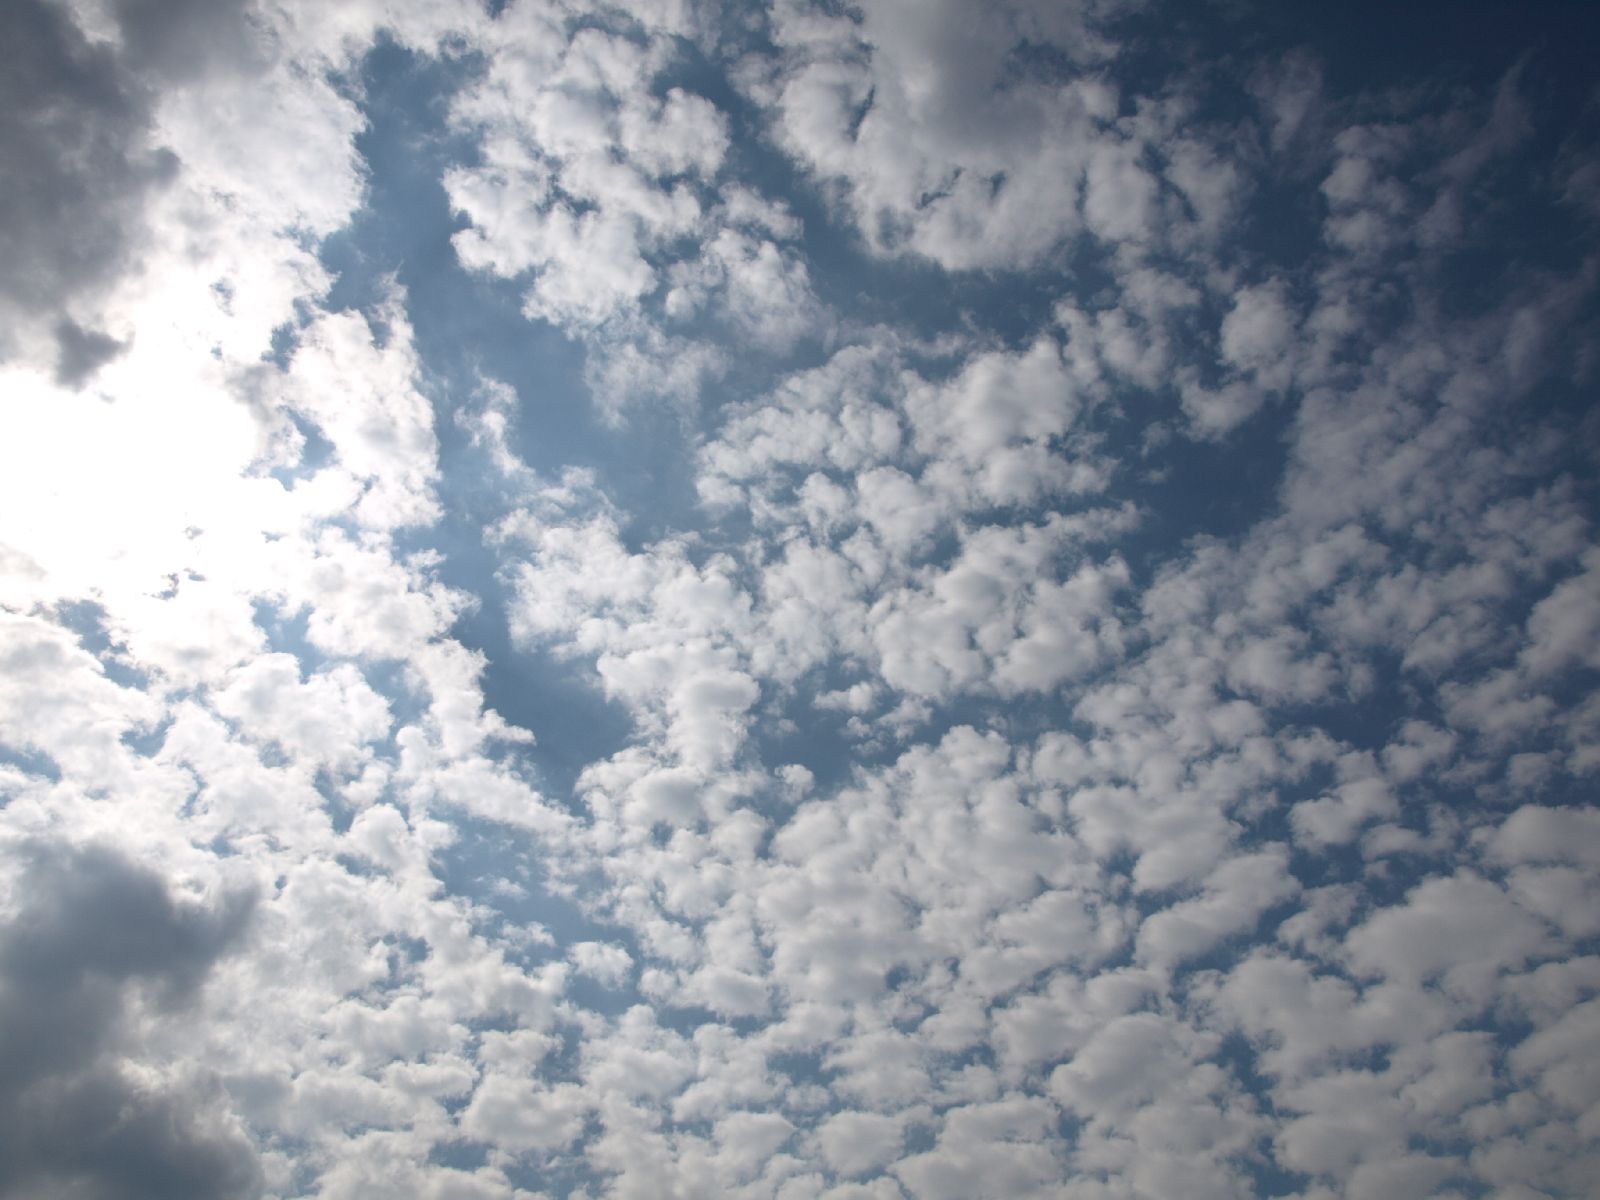 Himmel-Wolken-Foto_Textur_A_P4231689